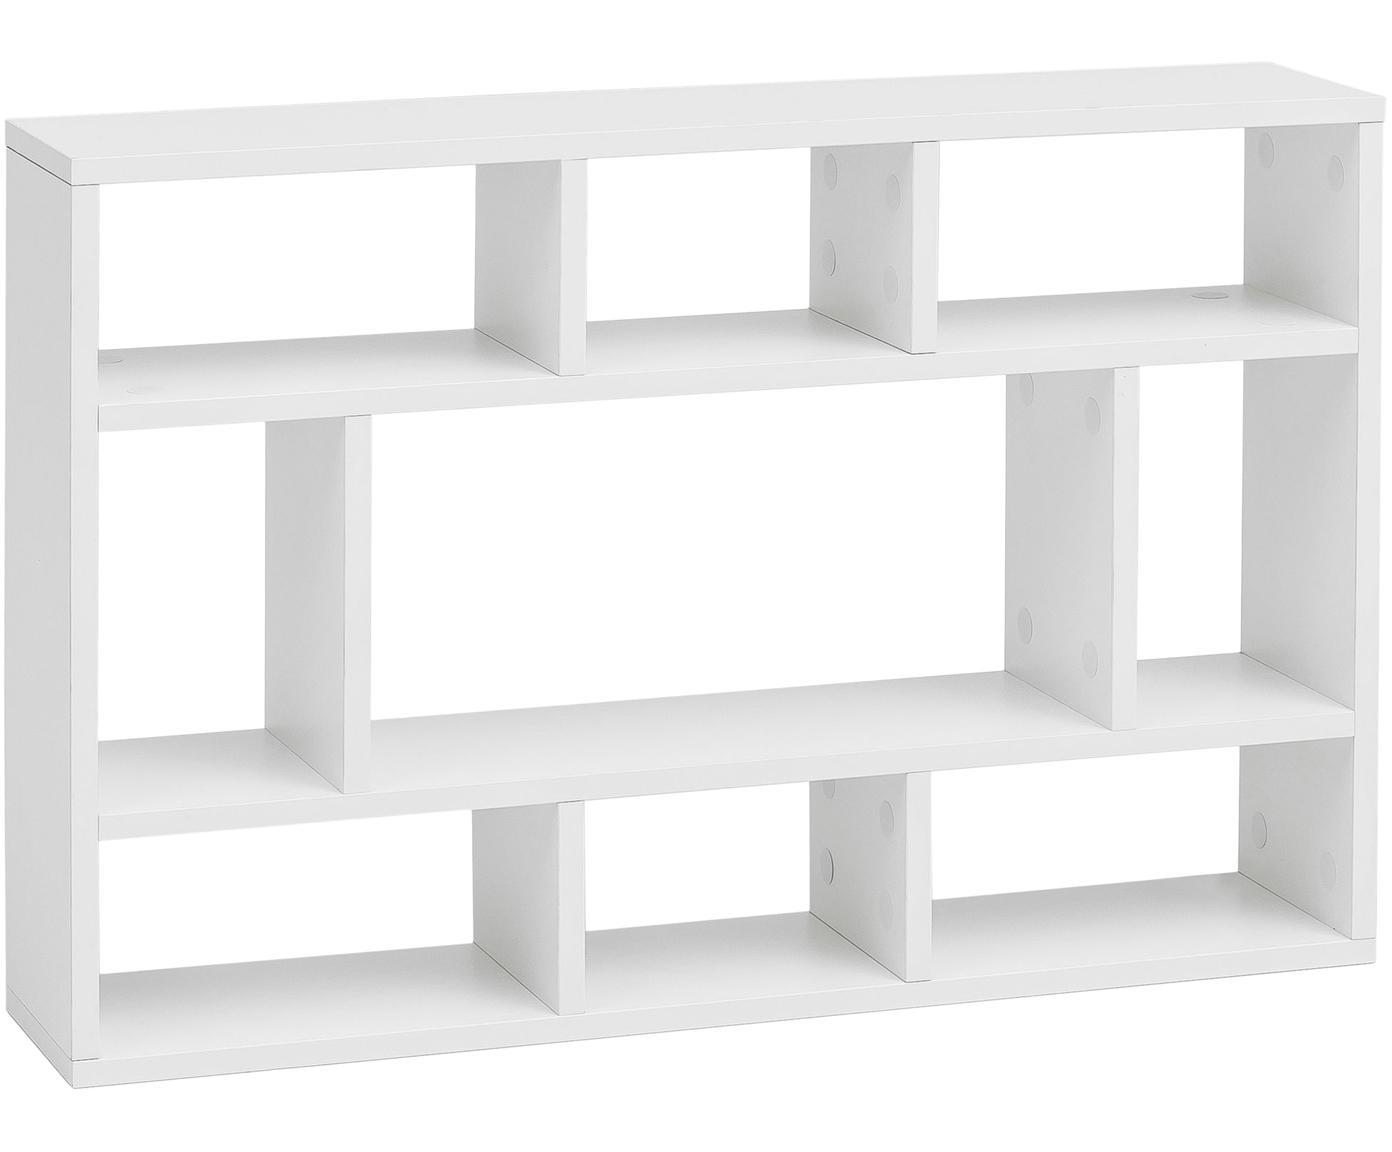 Mała półka ścienna Alek, Płyta wiórowa powlekana melaminą, Biały, S 75 x W 51 cm